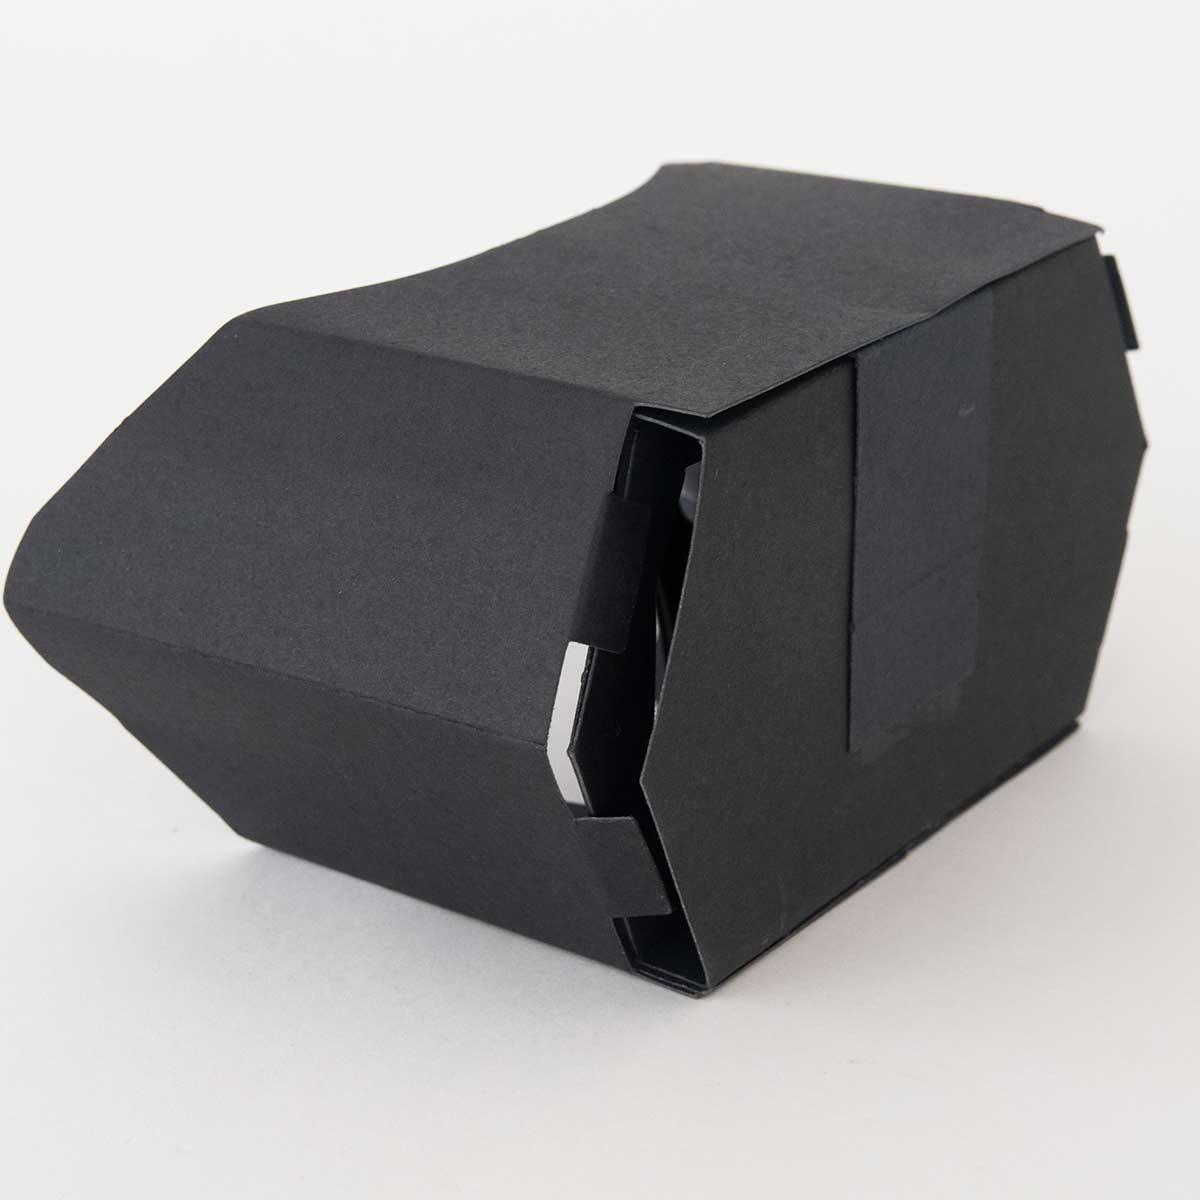 Juerg_Siegrist_AG_VR_Brillen_Cardboard_01